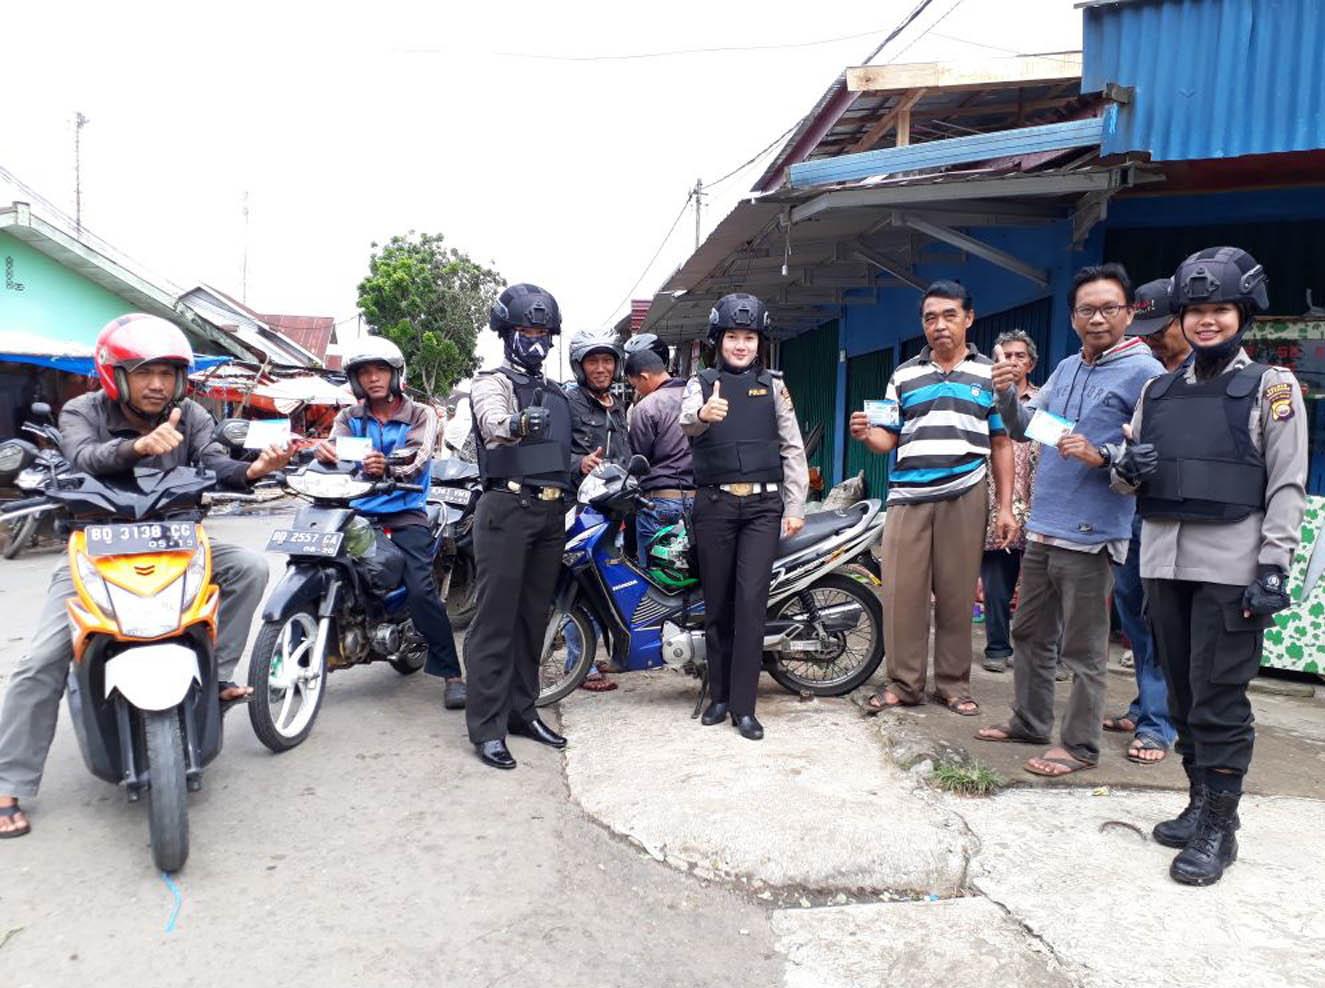 Polres Kepahiang Intensifkan Patroli Tim Nuri Untuk Menekan Kriminalitas